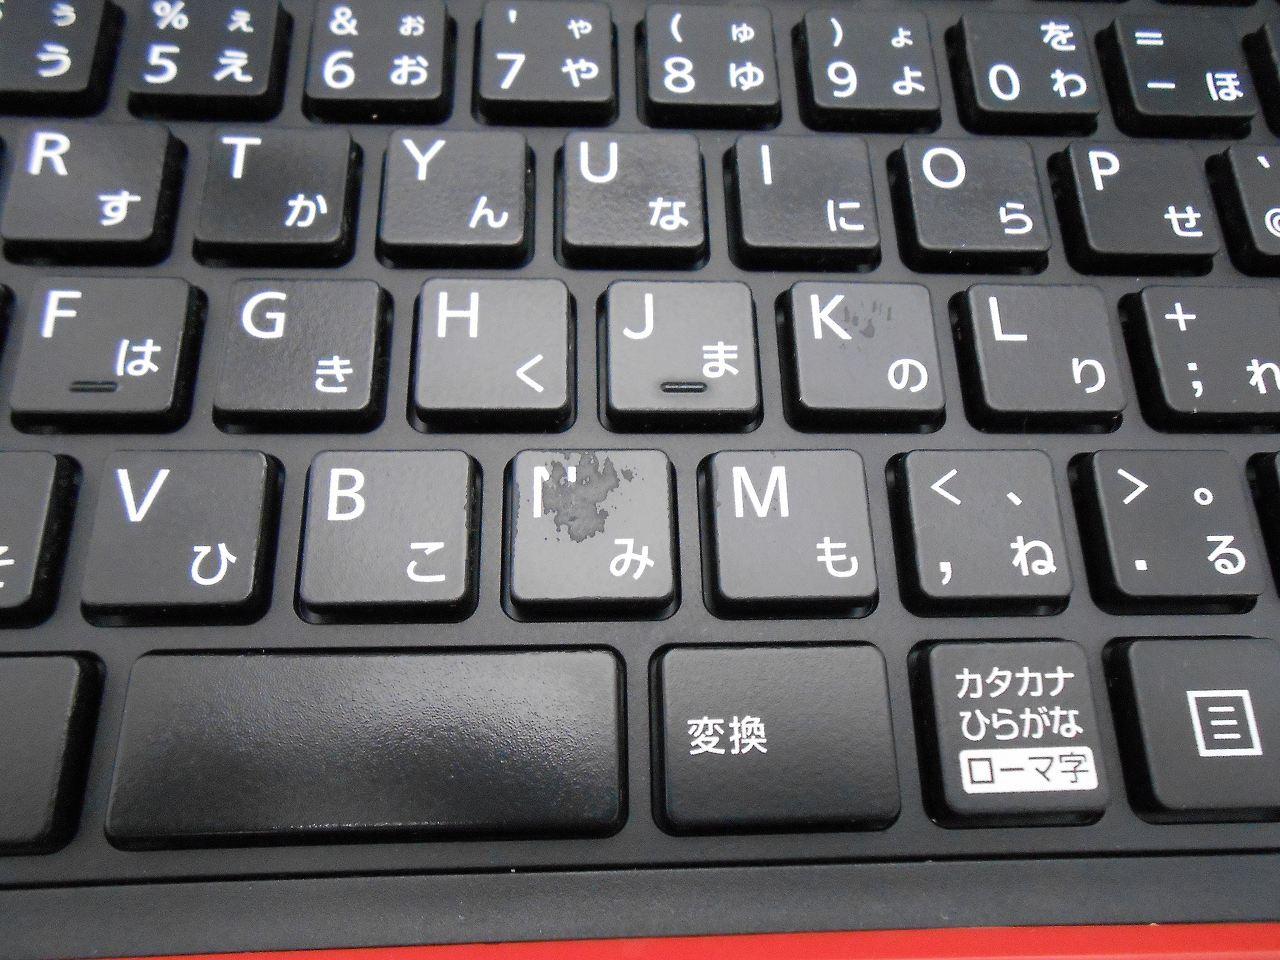 【テレワーク応援】【WPS/外付けWEBカメラ付】【中古】 FUJITSU LIFEBOOK A574/K/2015年モデル/Corei5 4310M 2.7GHz/メモリ4GB/SATA320GB/15インチ/Windows10Home【3ヶ月保証】【足立店発送】